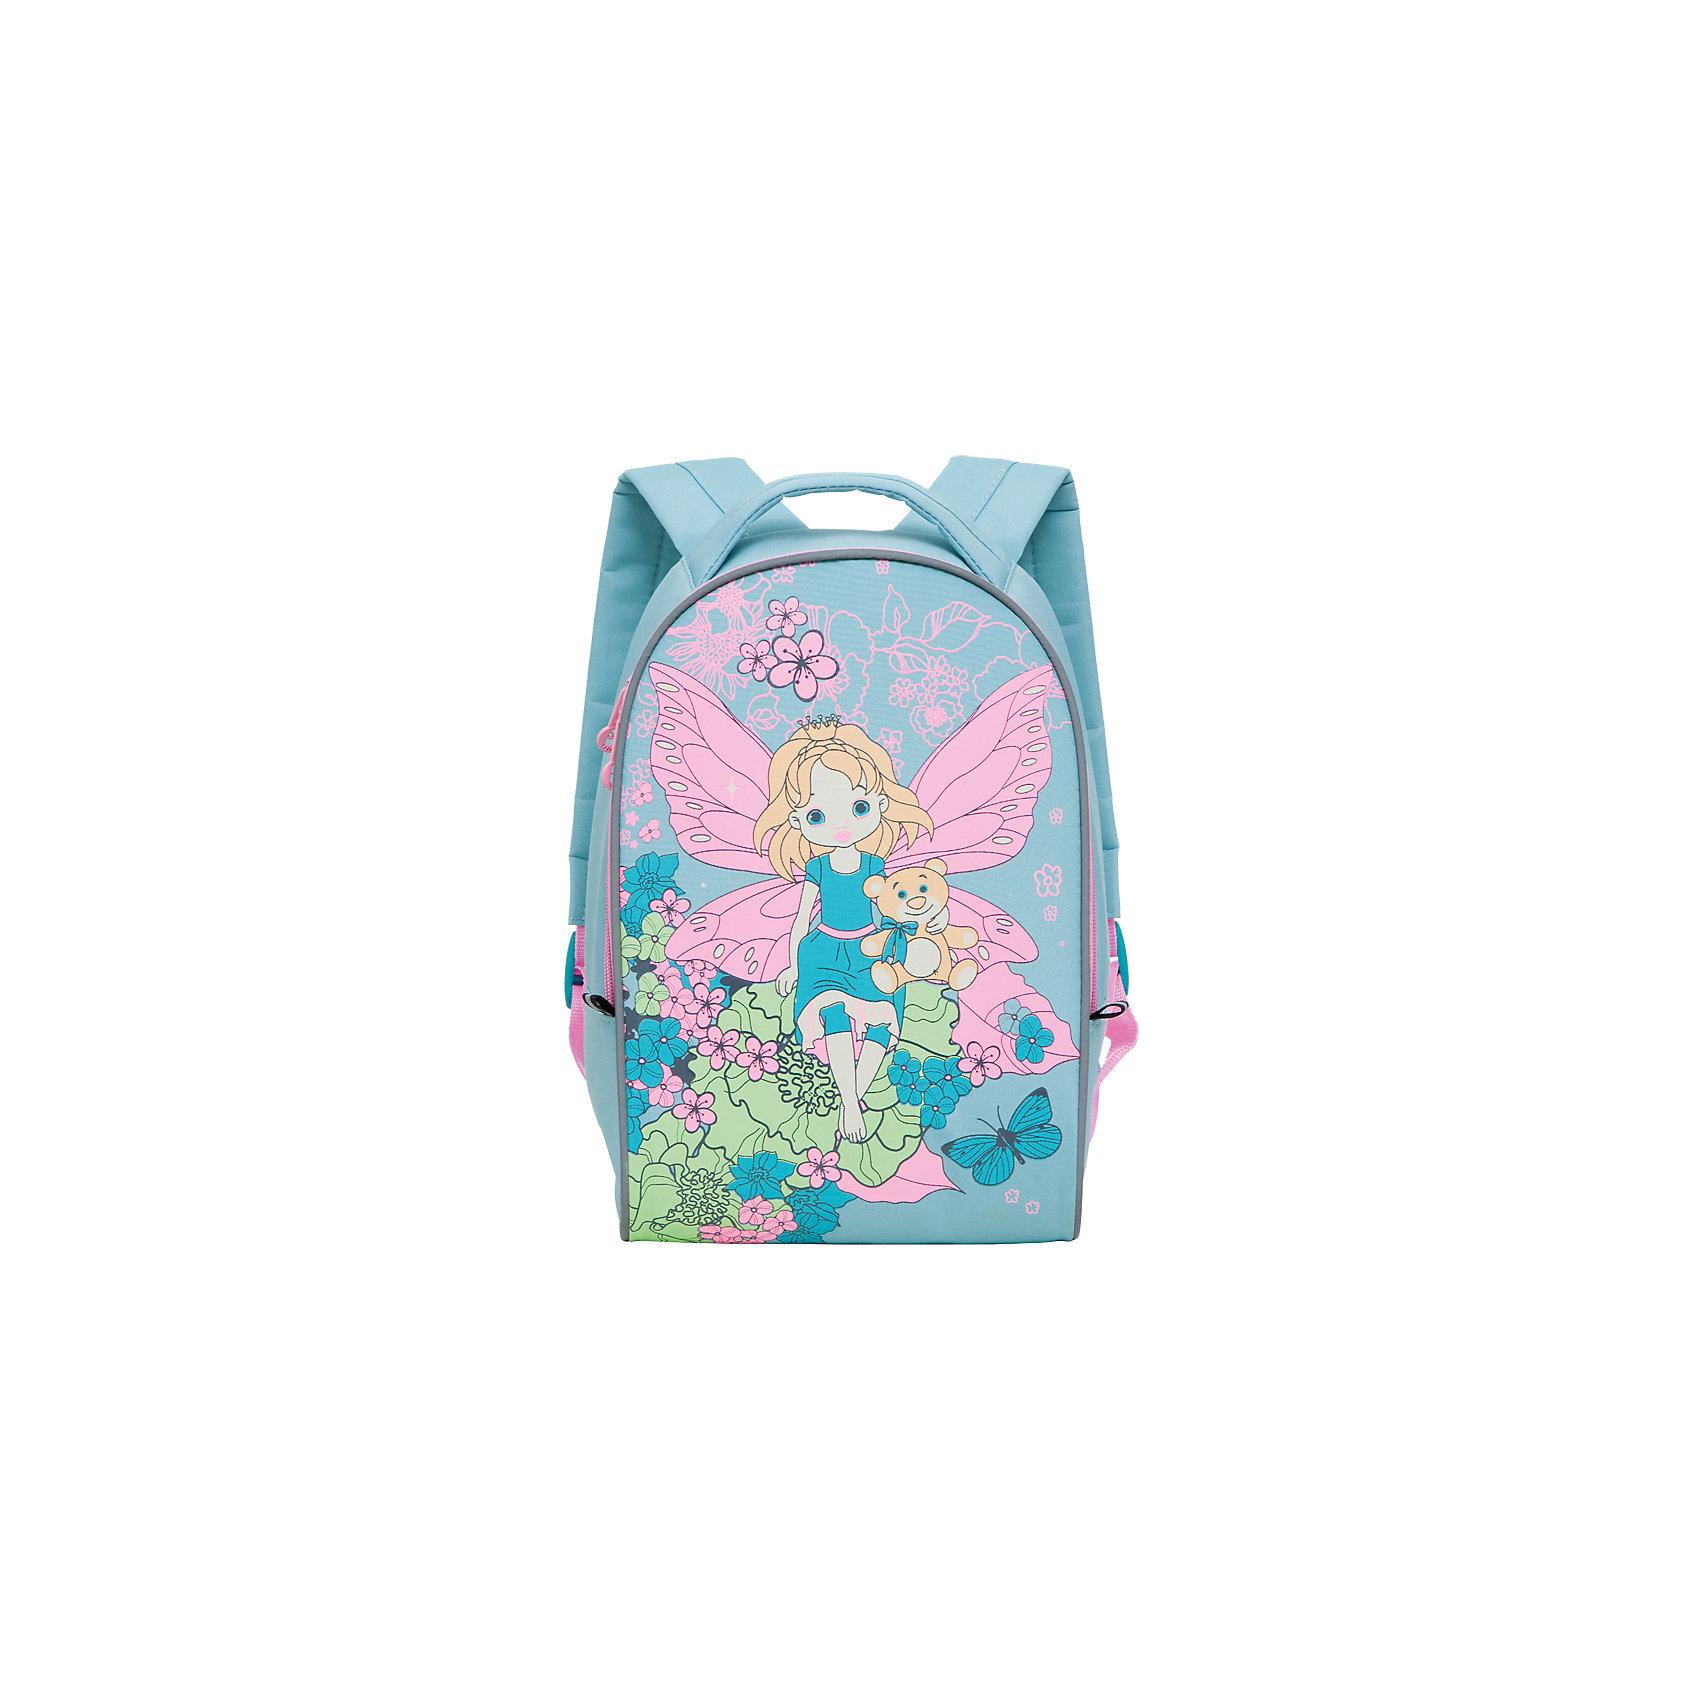 Grizzly Рюкзак детский, мятаДетские рюкзаки<br>Детский рюкзак, мята, Grizzly (Гризли) ? рюкзак отечественного бренда Гризли детской серии. Легкий по весу, прочный, рюкзак учитывает все анатомические и возрастные особенности детей дошкольного возраста. Все рюкзаки детской серии ортопедические, с укрепленной спинкой и широкими регулируемыми под рост ребенка лямками, что защищает от развития искривления позвоночника.<br>Детский рюкзак, мята, Grizzly (Гризли) изготовлен из микрофибры, отличительными свойствами которой является способность сохранять форму, устойчивость к загрязнениям и повреждениям. За рюкзаком из микрофибры очень легко ухаживать: его можно стирать, он быстро высыхает, при частых стирках не теряет форму и цвет.<br>Детские рюкзаки Grizzly (Гризли) отличаются ярким дизайном, оригинальными цветовыми решениями как самого рюкзака, так и его аксессуаров и элементов: декоративные застежки-молнии, швы, выполненные цветными капроновыми нитками, обеспечивают качество и надежность эксплуатации.<br>Все рюкзаки детской серии многофункциональны и удобны: их можно брать с собой на прогулку, на спортивные и творческие занятия. Детям, которые посещают предшкольную подготовку, рюкзак станет обязательным атрибутом подготовки к школьной жизни.<br>Детский рюкзак, мята, Grizzly (Гризли) состоит из одного вместительного отделения. Для обеспечения безопасности передвижения ребенка в темное время суток рюкзак с четырех сторон оснащен светоотражающими элементами. На передней стенке рюкзака имеется сюжетная аппликация. Детский рюкзак, мята, Grizzly (Гризли) ? это качество материалов, безопасность, стиль и долговечность использования. <br><br><br>Дополнительная информация:<br><br>- Вес: 325 г<br>- Габариты (Д*Г*В): 25*13*33 см<br>- Цвет: зеленый, голубой, розовый<br>- Материал: микрофибра <br>- Сезон: круглый год<br>- Коллекция: детская <br>- Год коллекции: 2016 <br>- Пол: девочки<br>- Предназначение: для прогулок, для посещения спортивных и творческих занятий, для путешествий<br>-